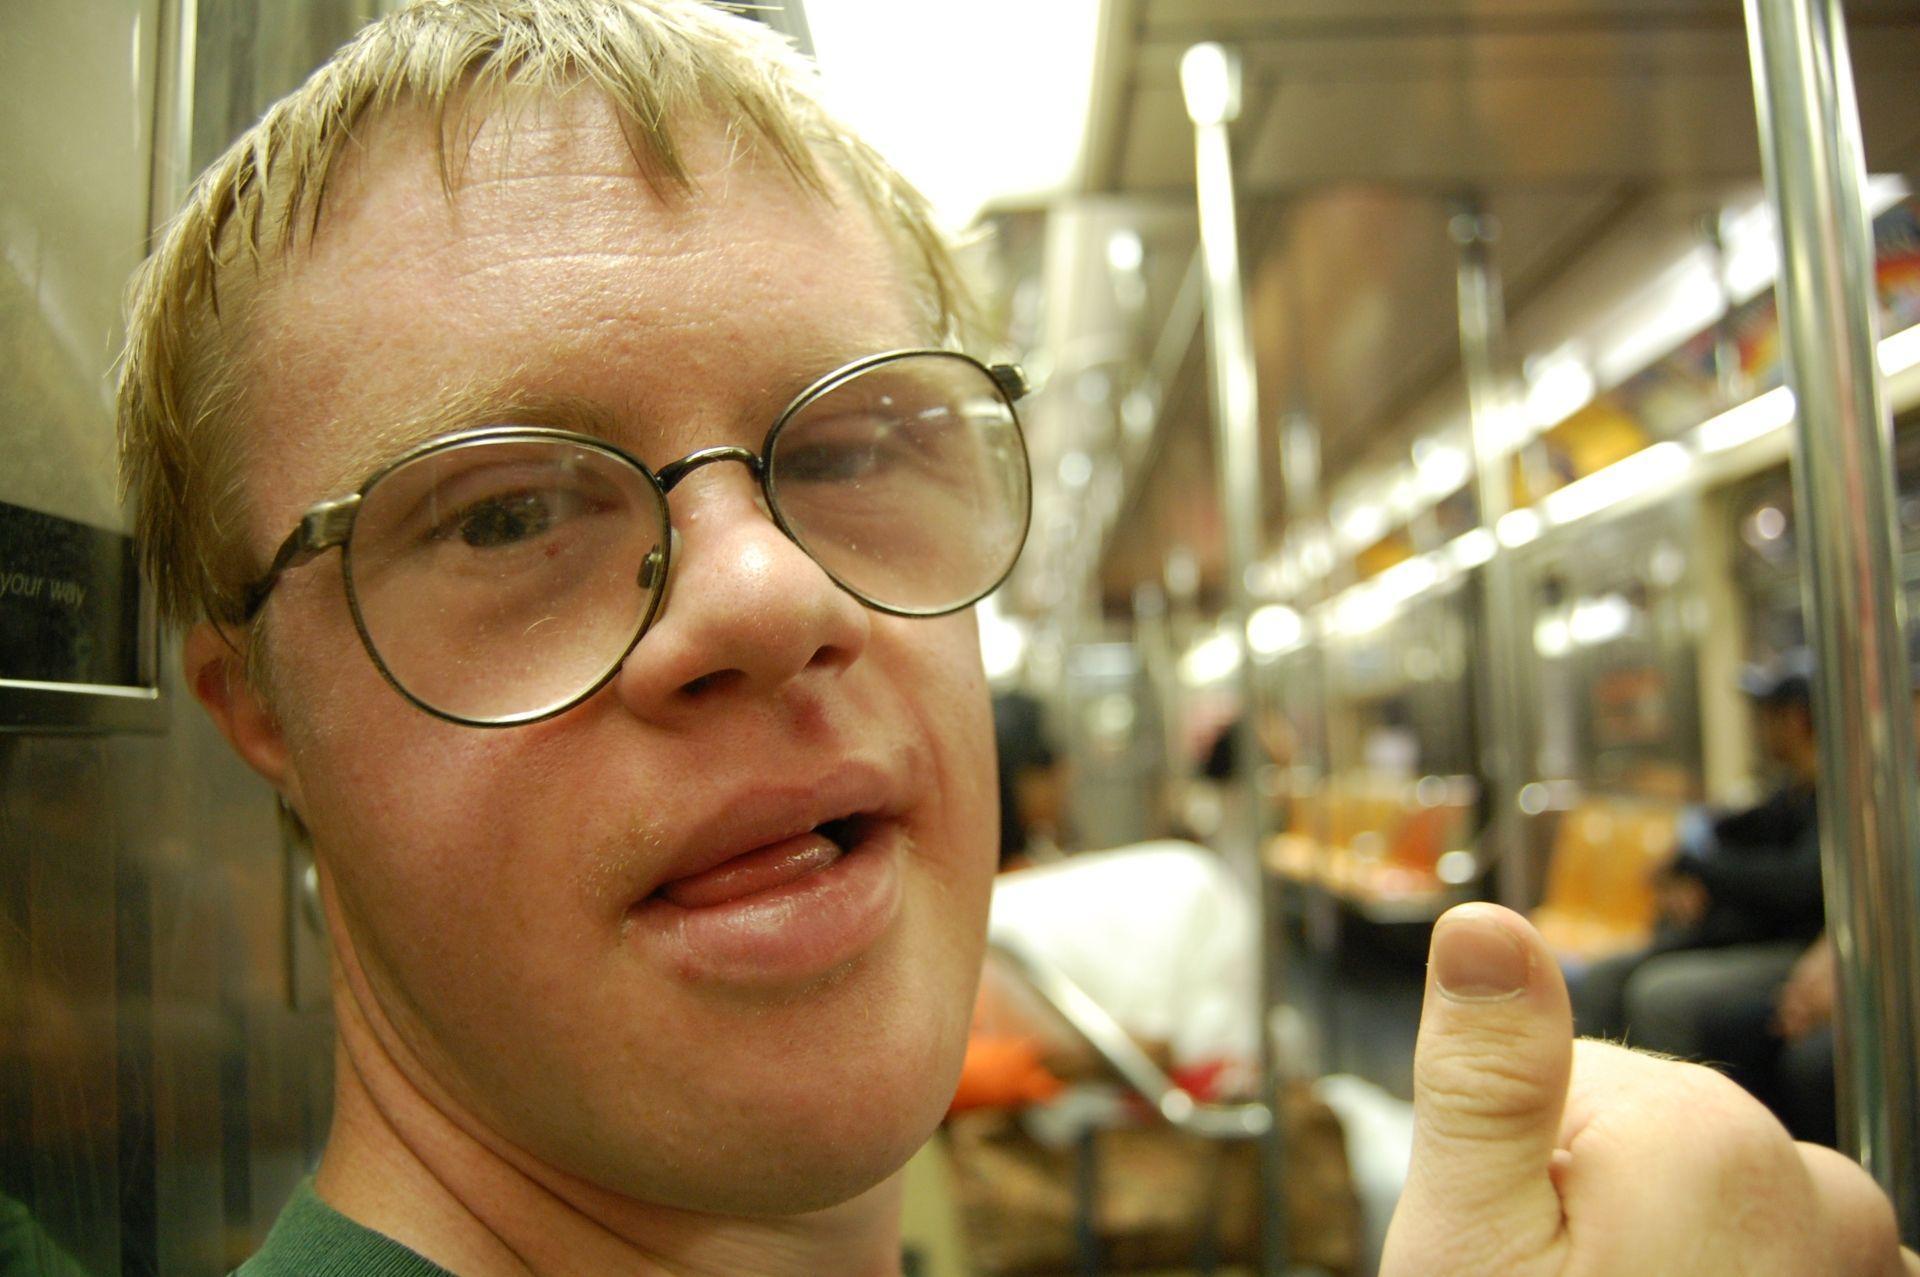 Биоинженеры смогли выключить хромосому, ответственную за синдром Дауна